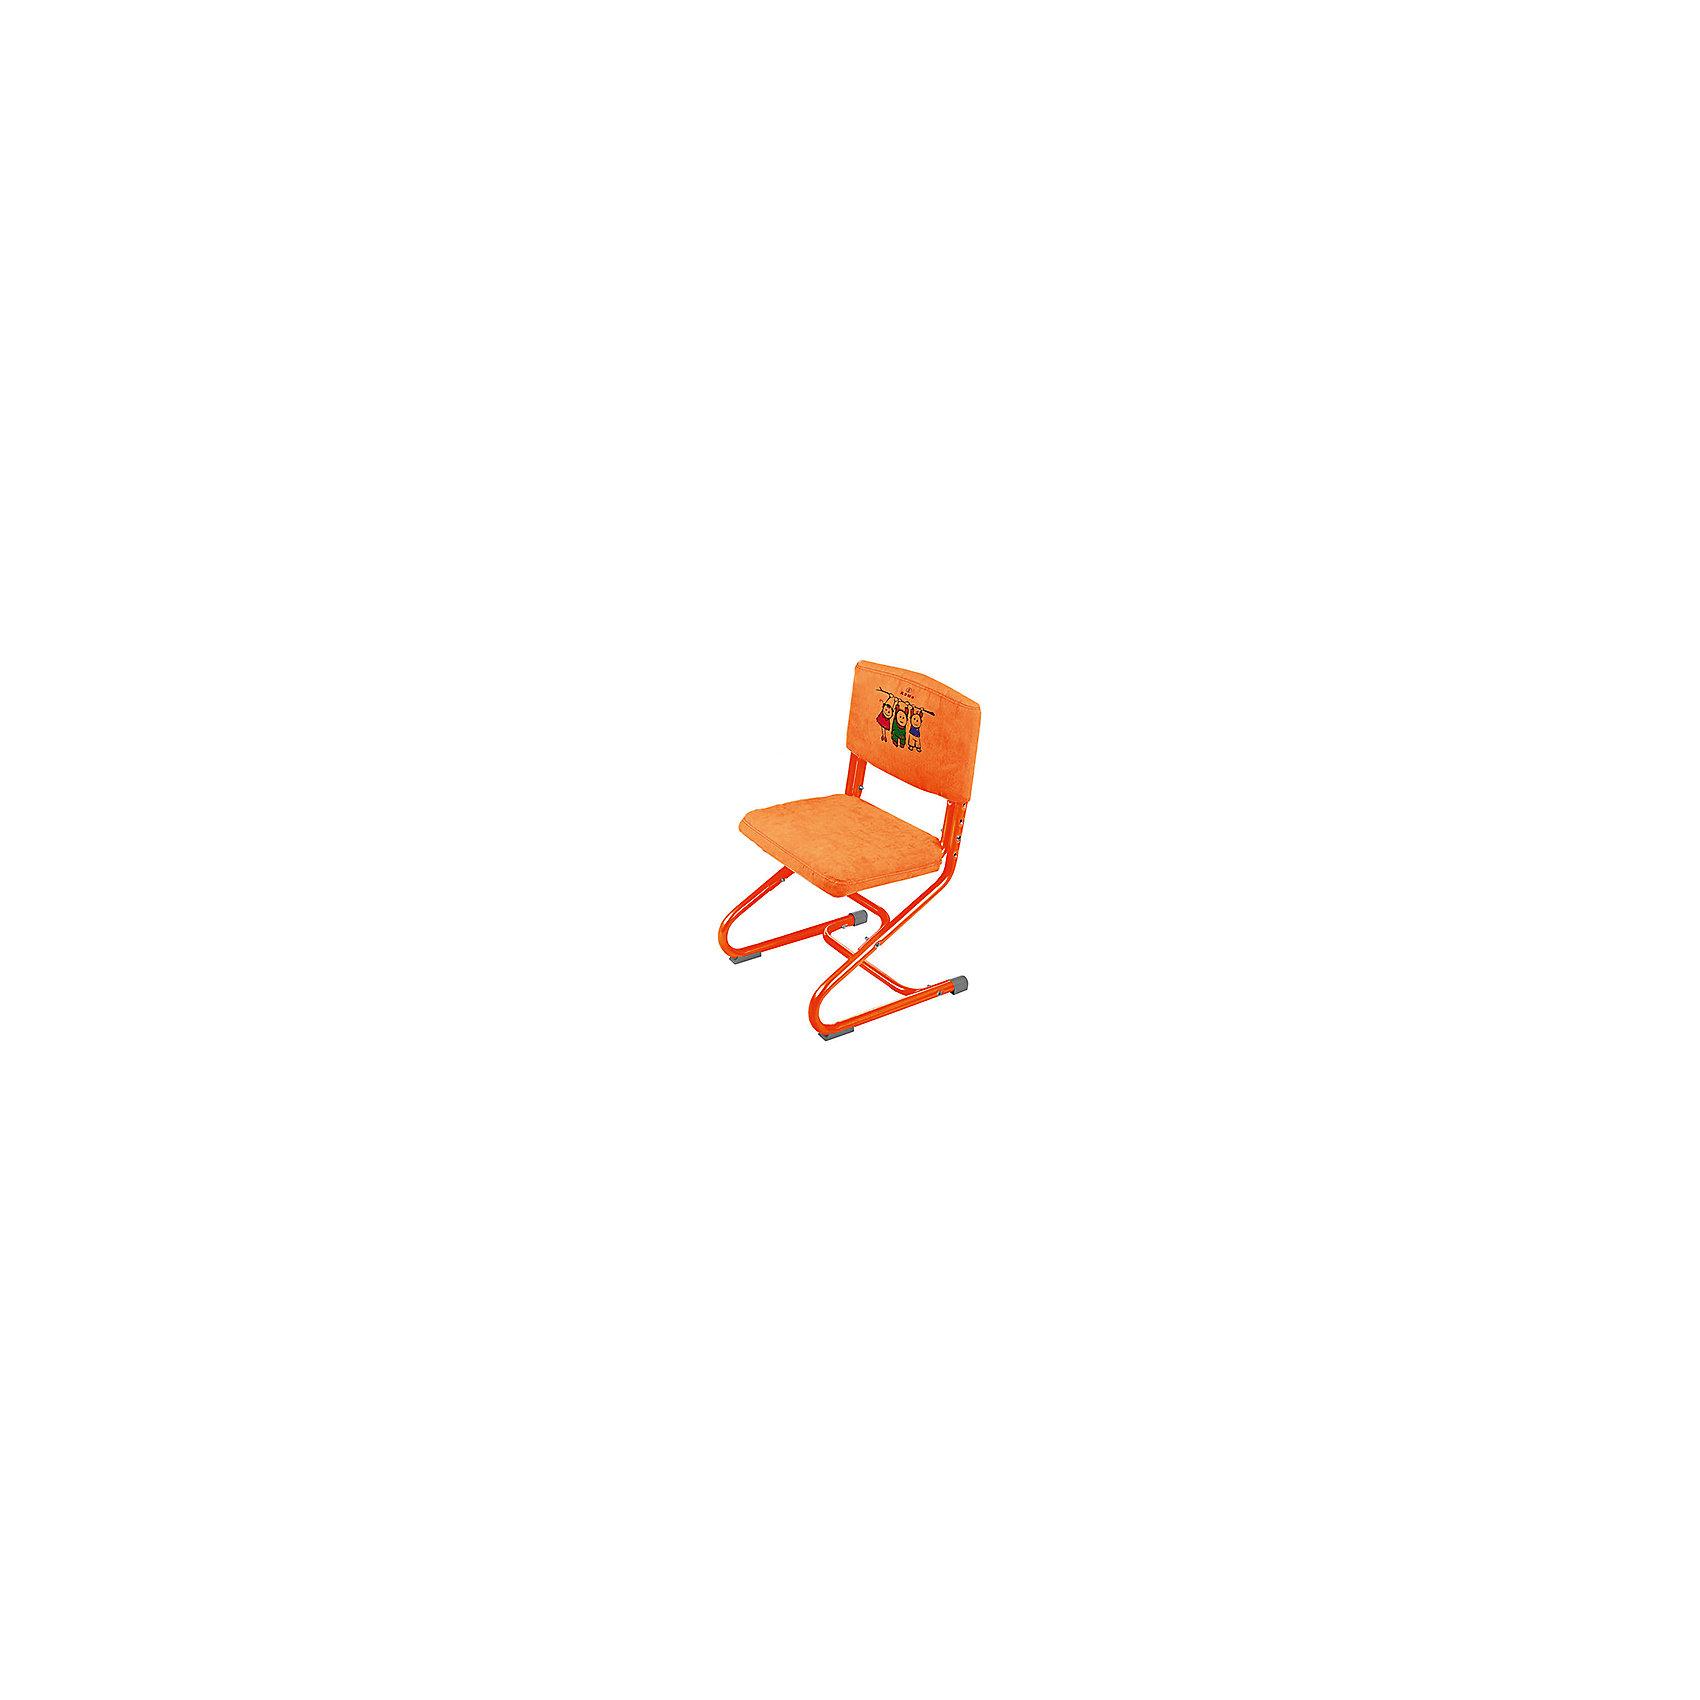 Чехол замша СУТ.01.040-01, Дэми, оранжевыйМебель<br>Чехол замша СУТ.01.040-01, Дэми, оранжевый – красота и удобства слились воедино.<br>Данная модель чехла выполнена из замши, которая не только приятная на ощупь, но и достаточно прочная. Такую ткань можно стирать в машинке, он не теряет внешний вид от стирки и долгой службы. Чехол скрывает болты на спинке и сидении, тем самым делая стул еще удобнее и симпатичнее. Его легко снимать, однако он совершенно не скользит и не спадает со стула.<br><br>Дополнительная информация: <br><br>Размер: 500х390х50 мм<br>Вес: 360 гр<br>Материал: замша<br>Цвет: оранжевый<br><br>Чехол замша СУТ.01.040-01, Дэми, оранжевый можно купить в нашем интернет магазине.<br><br>Ширина мм: 500<br>Глубина мм: 390<br>Высота мм: 50<br>Вес г: 360<br>Возраст от месяцев: 48<br>Возраст до месяцев: 1188<br>Пол: Унисекс<br>Возраст: Детский<br>SKU: 4919234